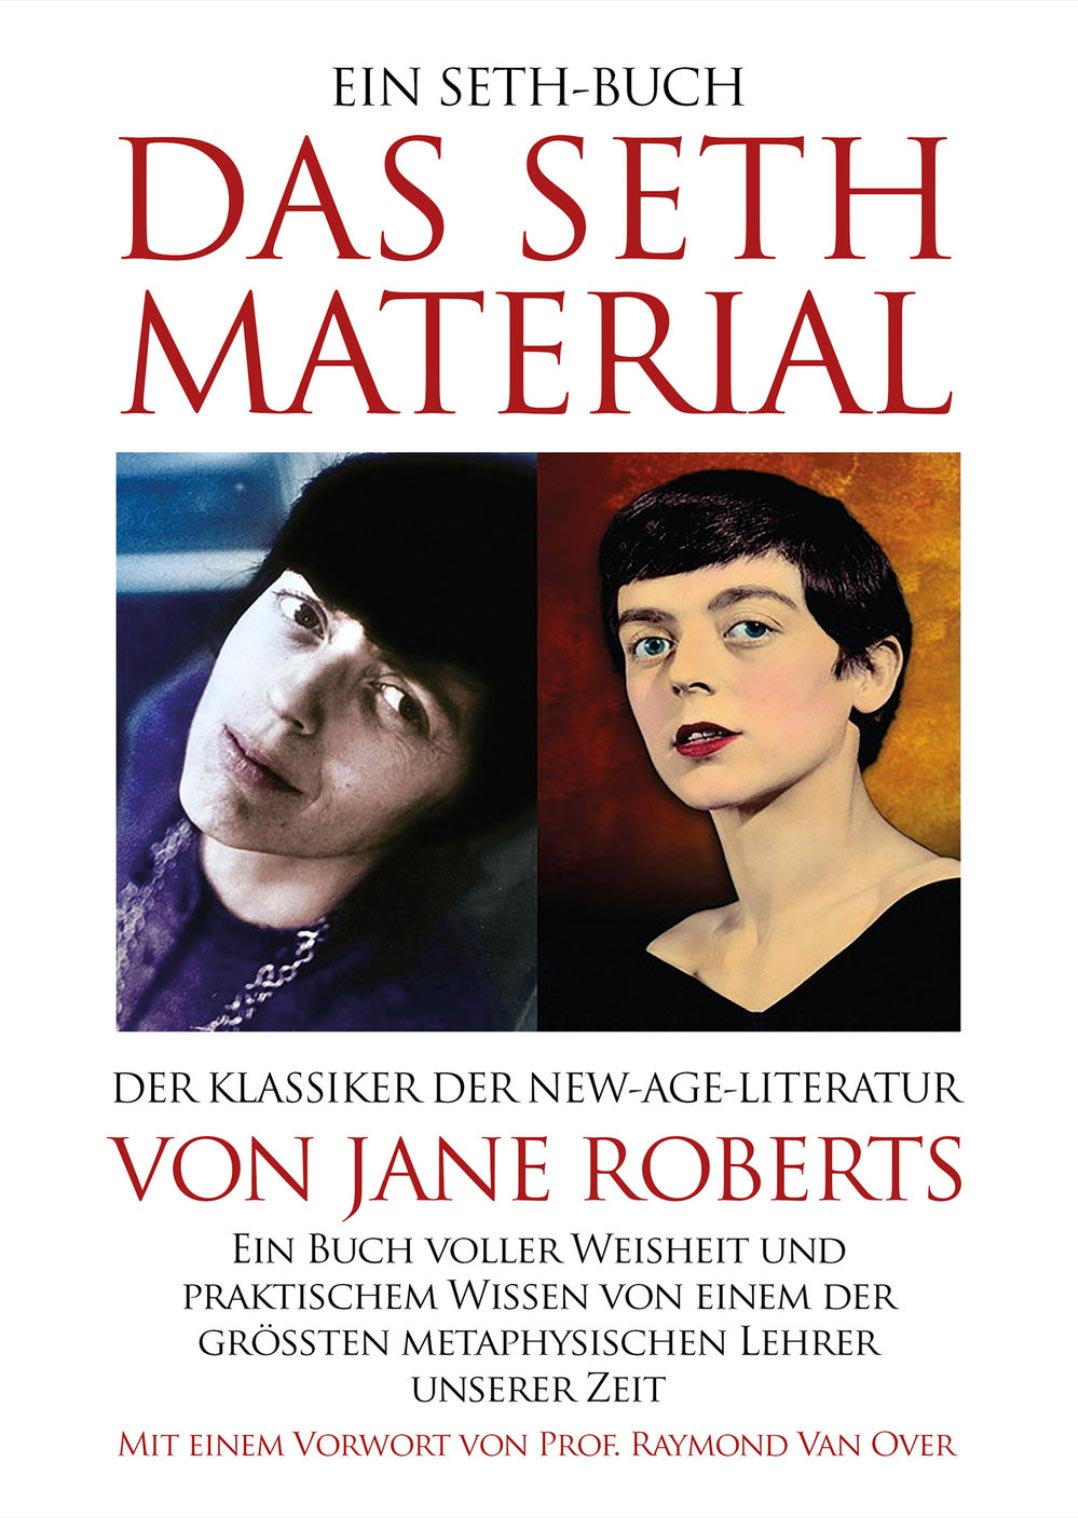 Das Standardwerkder New-Age-Literatur - Jane Roberts' erstes Seth-Buch - der perfekte Einstieg für Erstleser. Neu übersetzt und zum ersten Mal mit großem Bildteil.